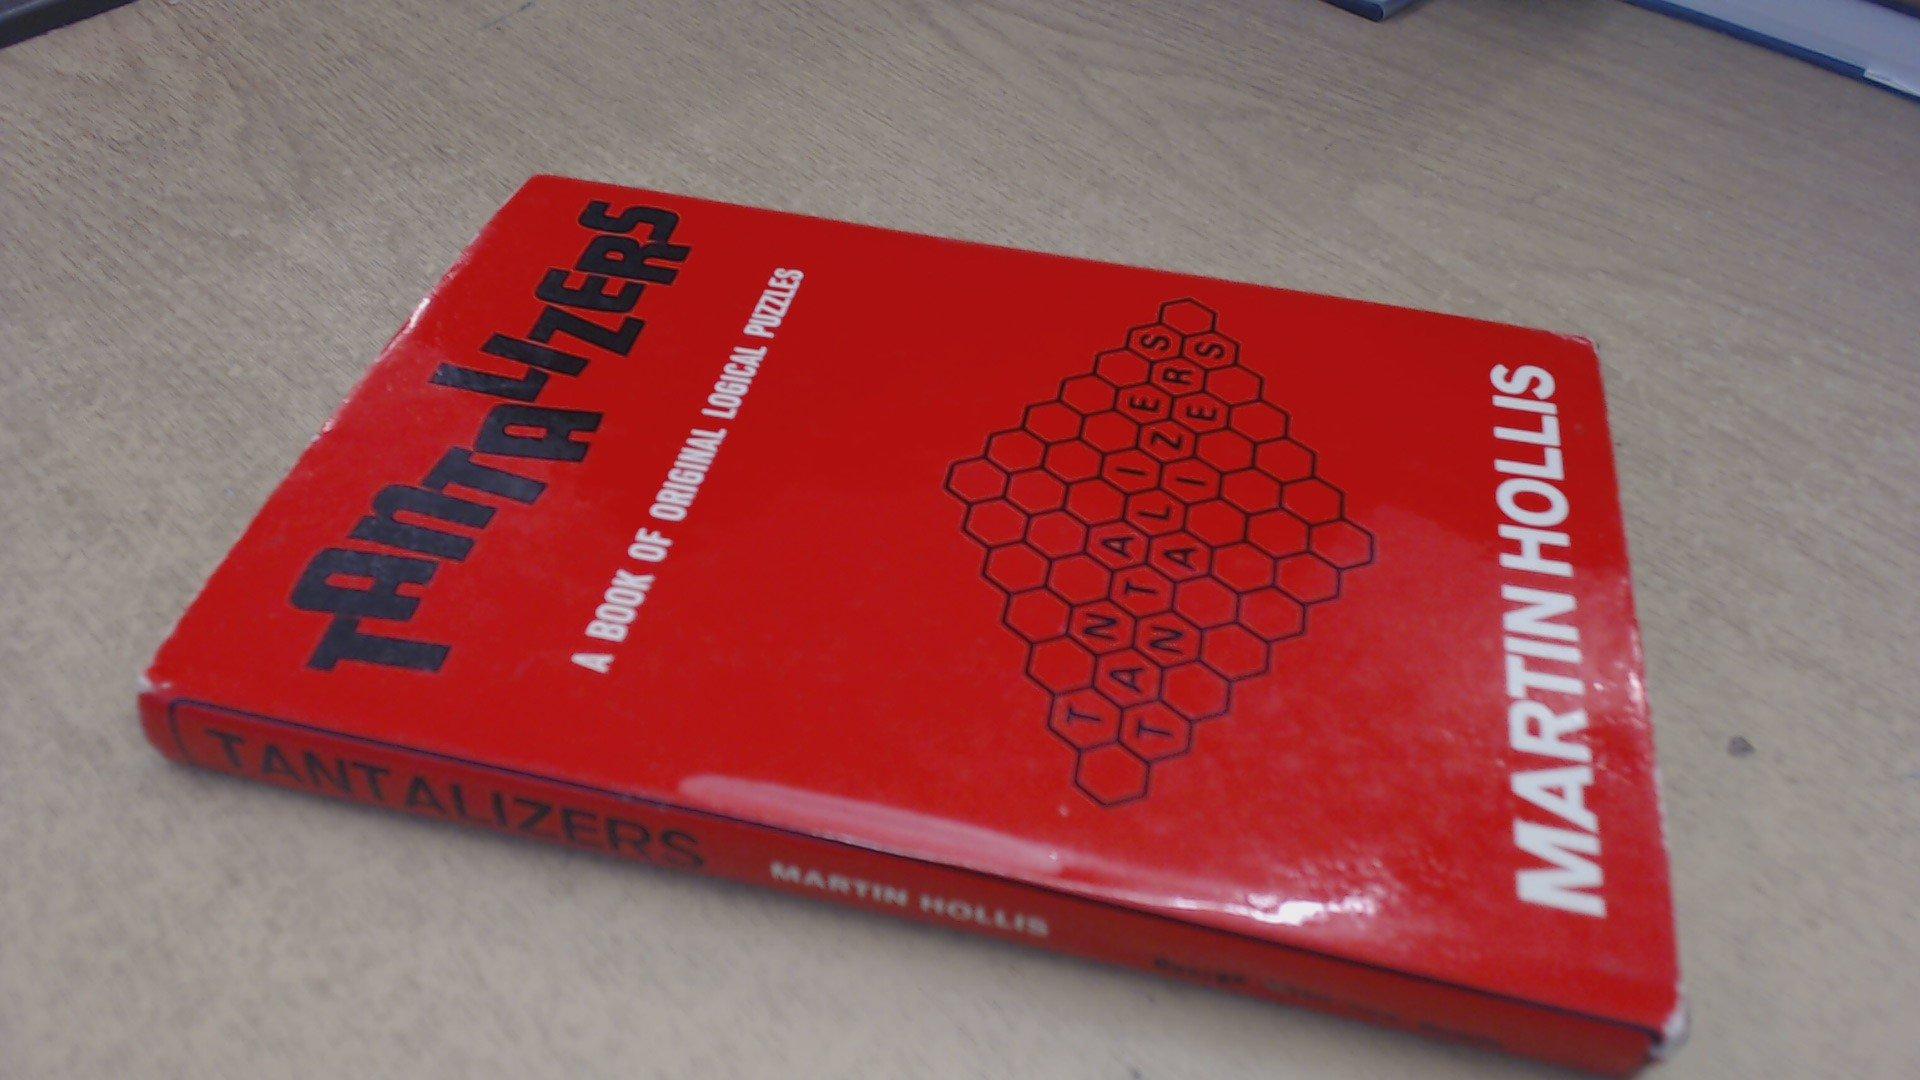 a book of original logical puzzles